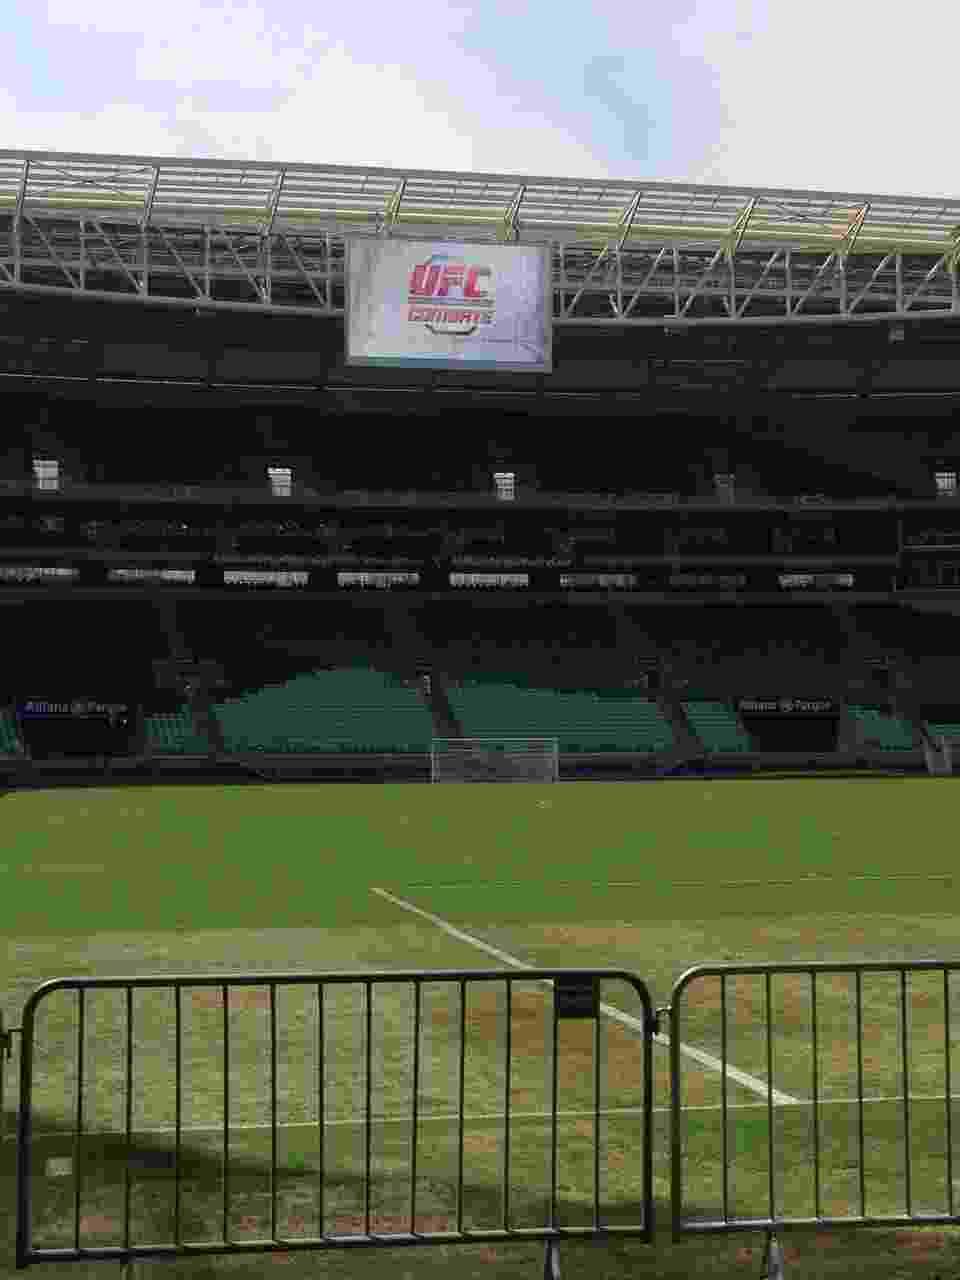 Estádio do Palmeiras, Allianz Parque, recebeu um treino aberto do UFC nesta quinta-feira - undefined